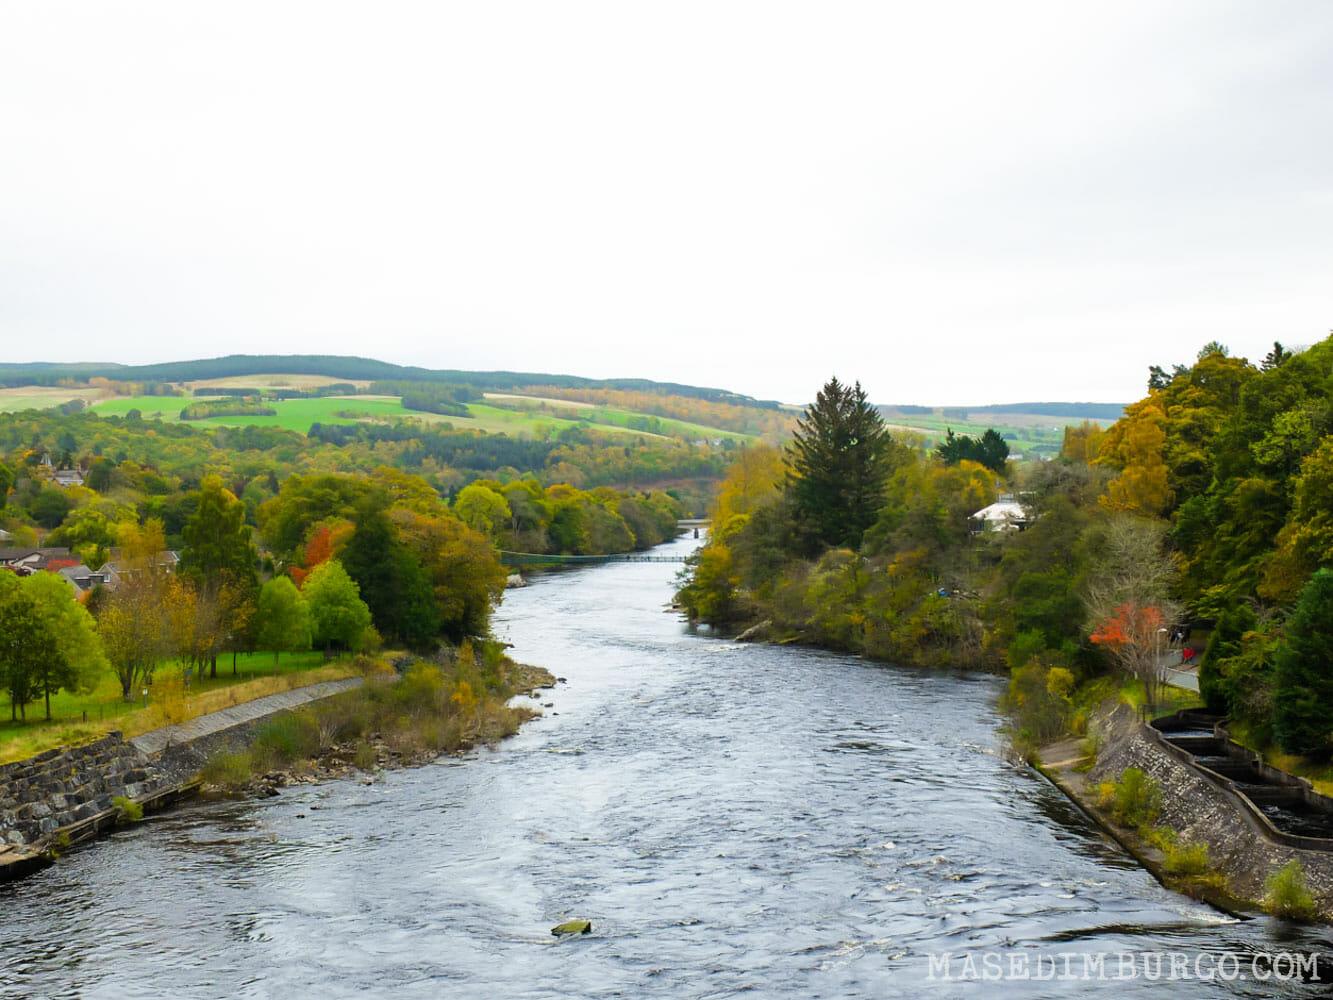 Qué hacer en Pitlochry - Otoño en Perthshire